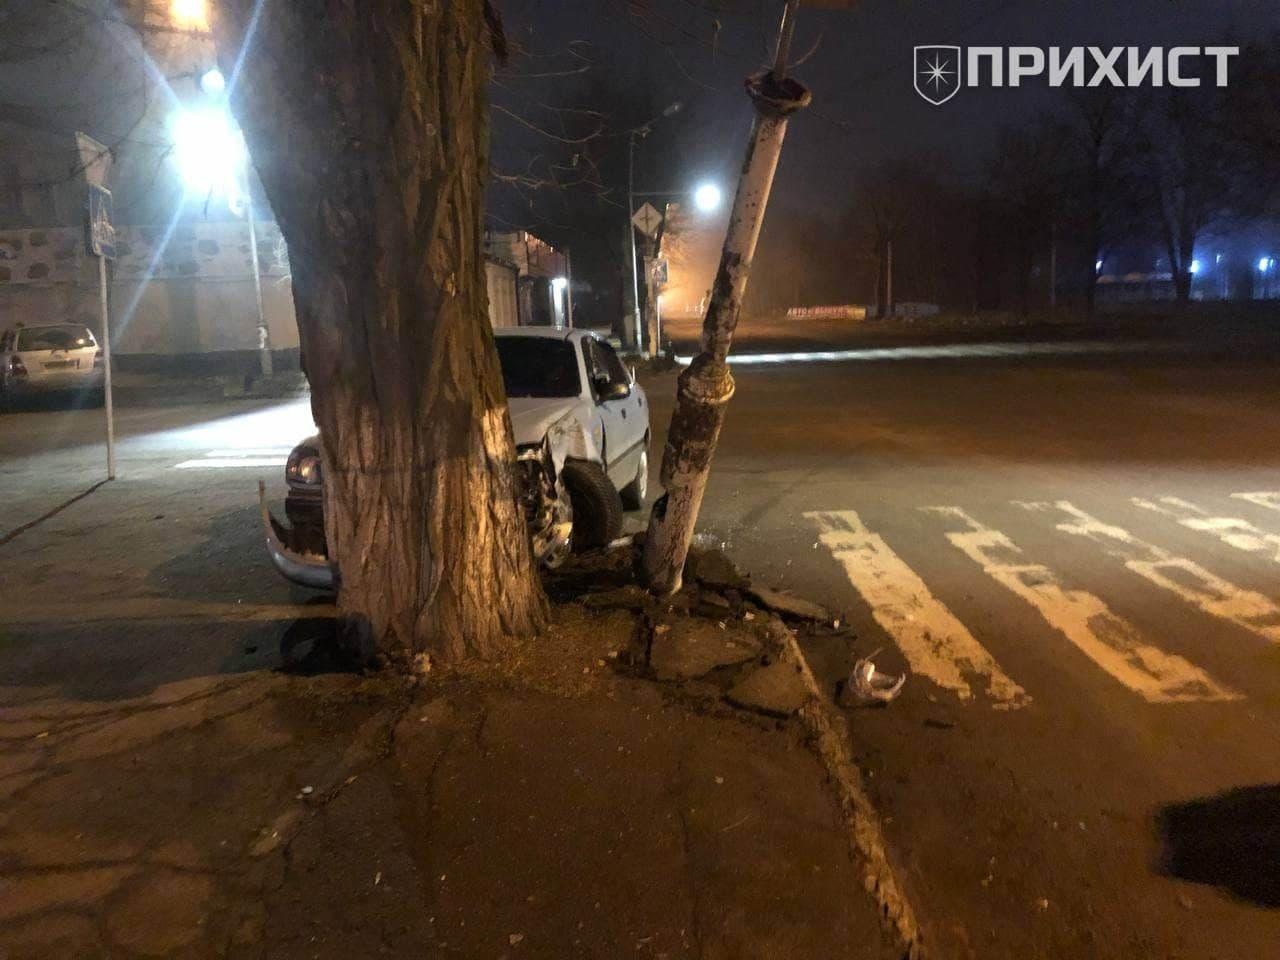 В Никополе автомобиль съехал с дороги и врезался в дерево   Прихист